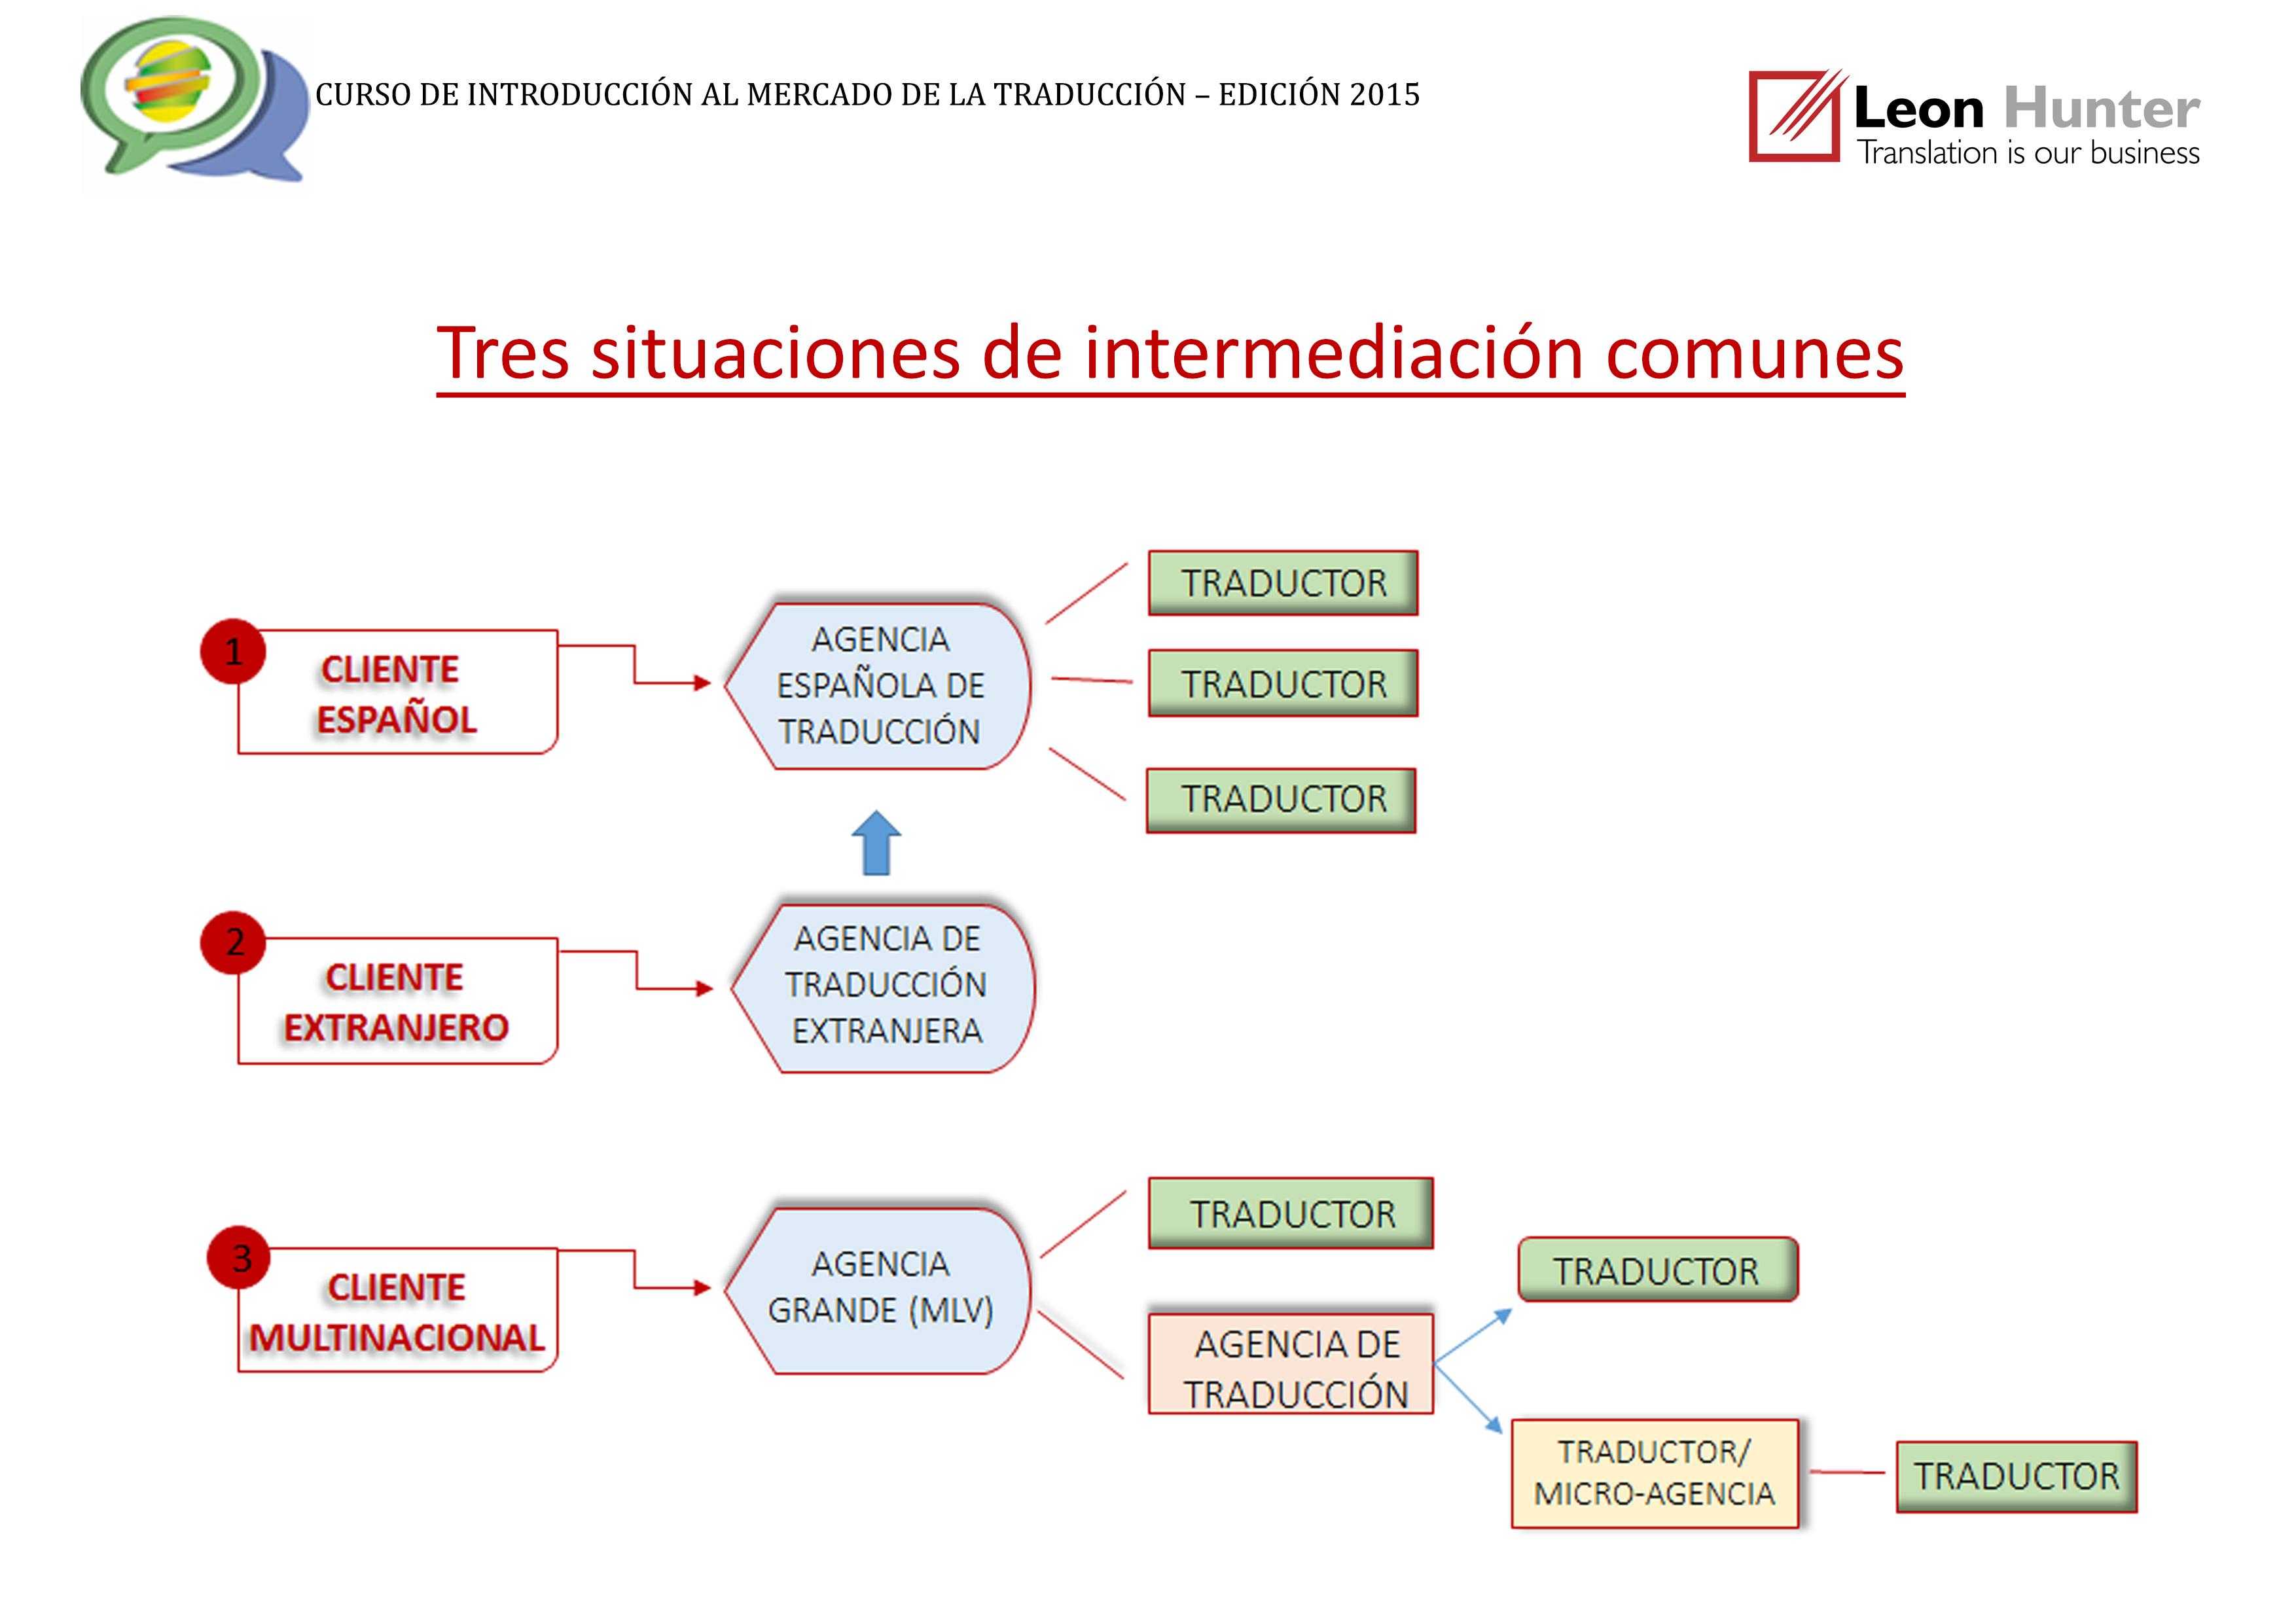 Tres situaciones de intermediación comunes